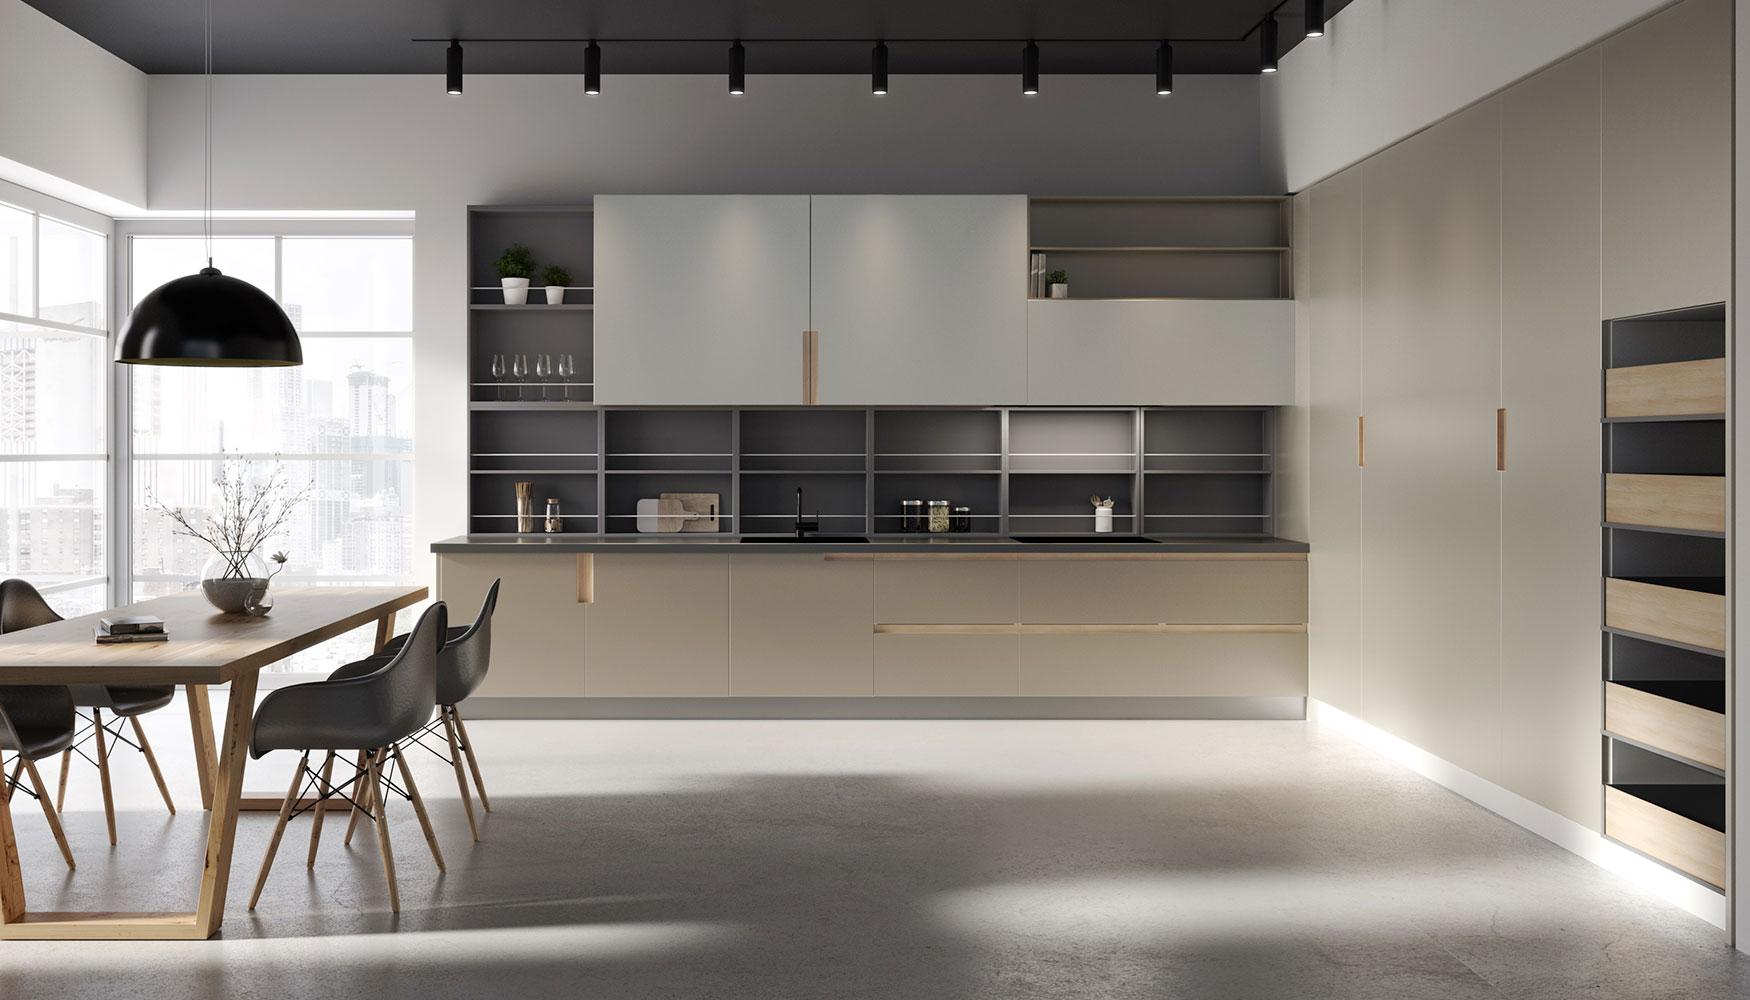 Feria valencia presenta lo ltimo en cocinas en la tercera edici n de espacio cocina sici - Ultimos disenos de cocinas ...